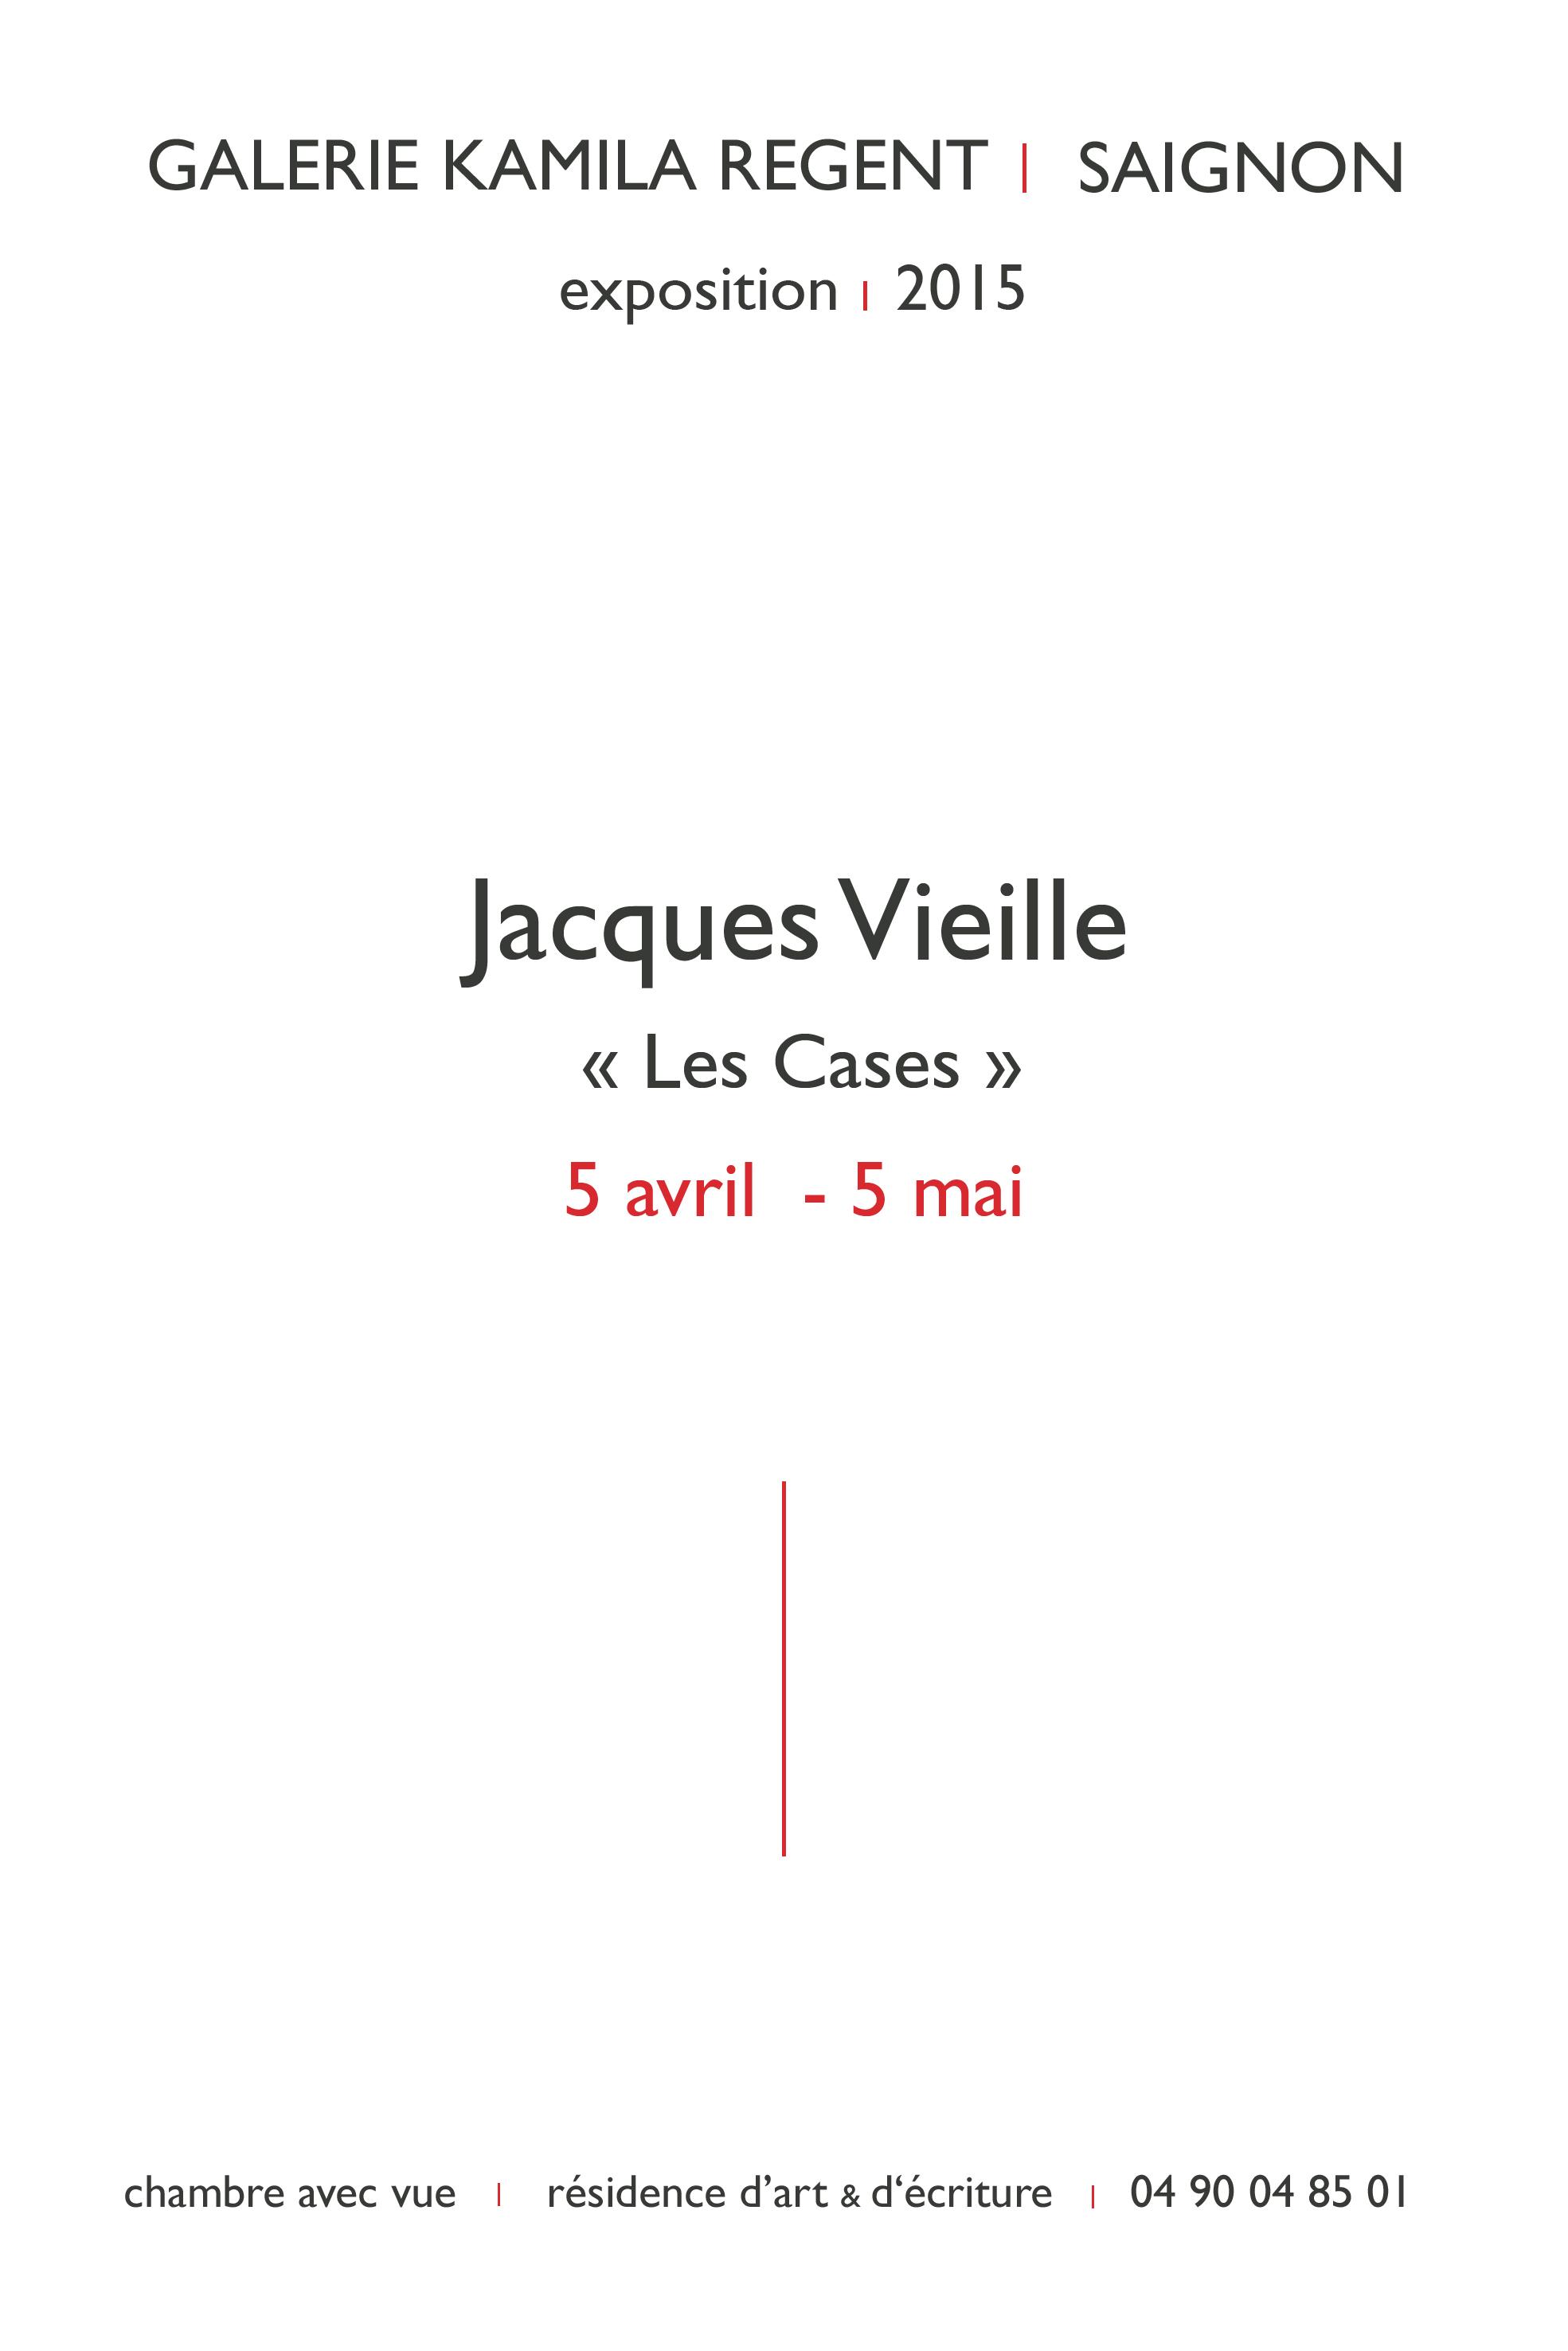 Jacques Vieille | Galerie Regent